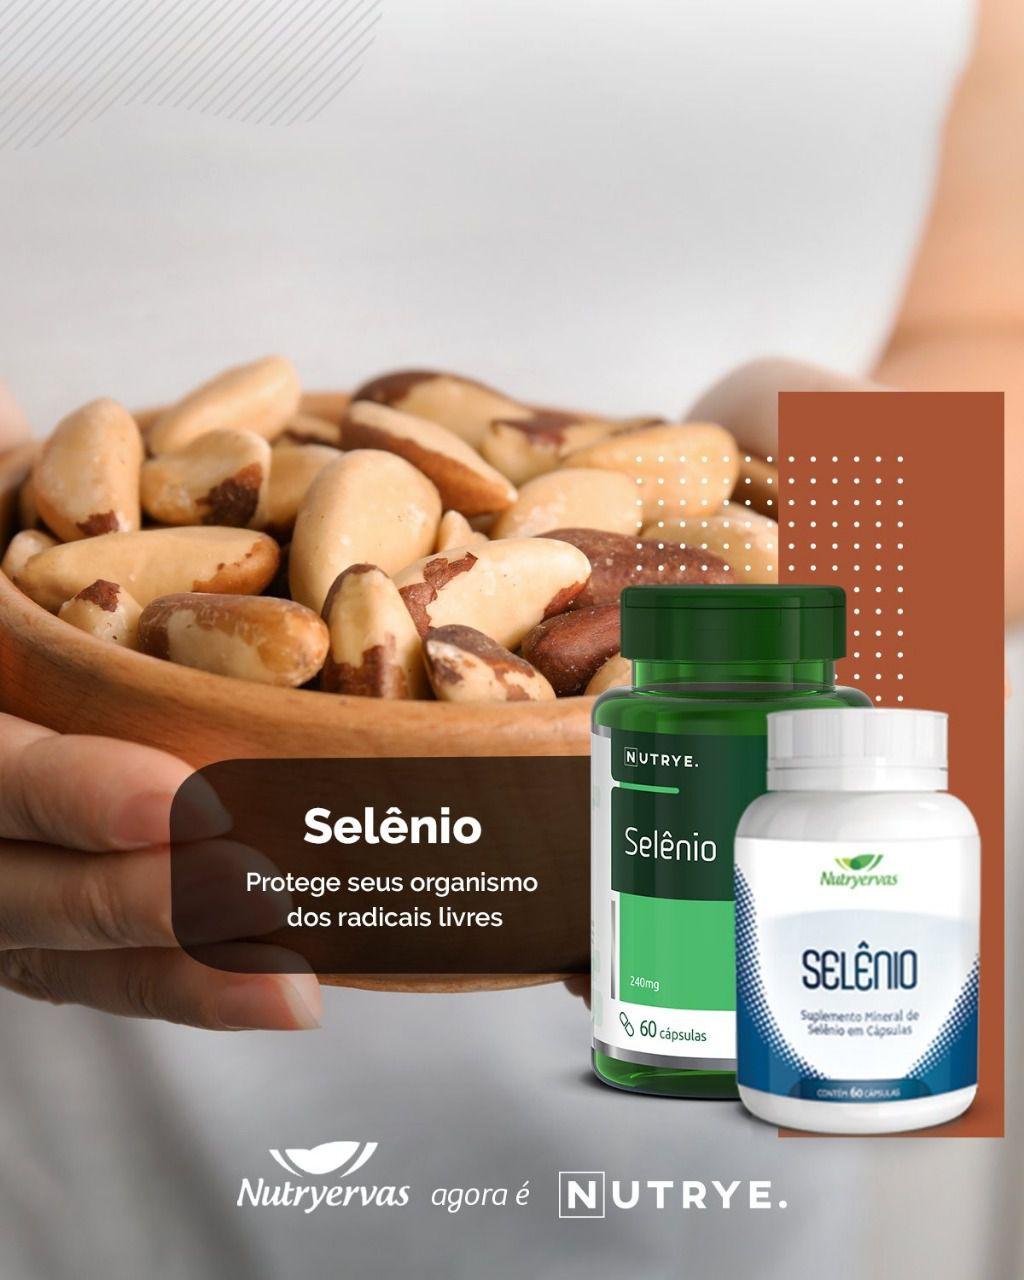 SUPLEMENTO MINERAL DE SELÊNIO 60 CÁPSULAS - NUTRYERVAS